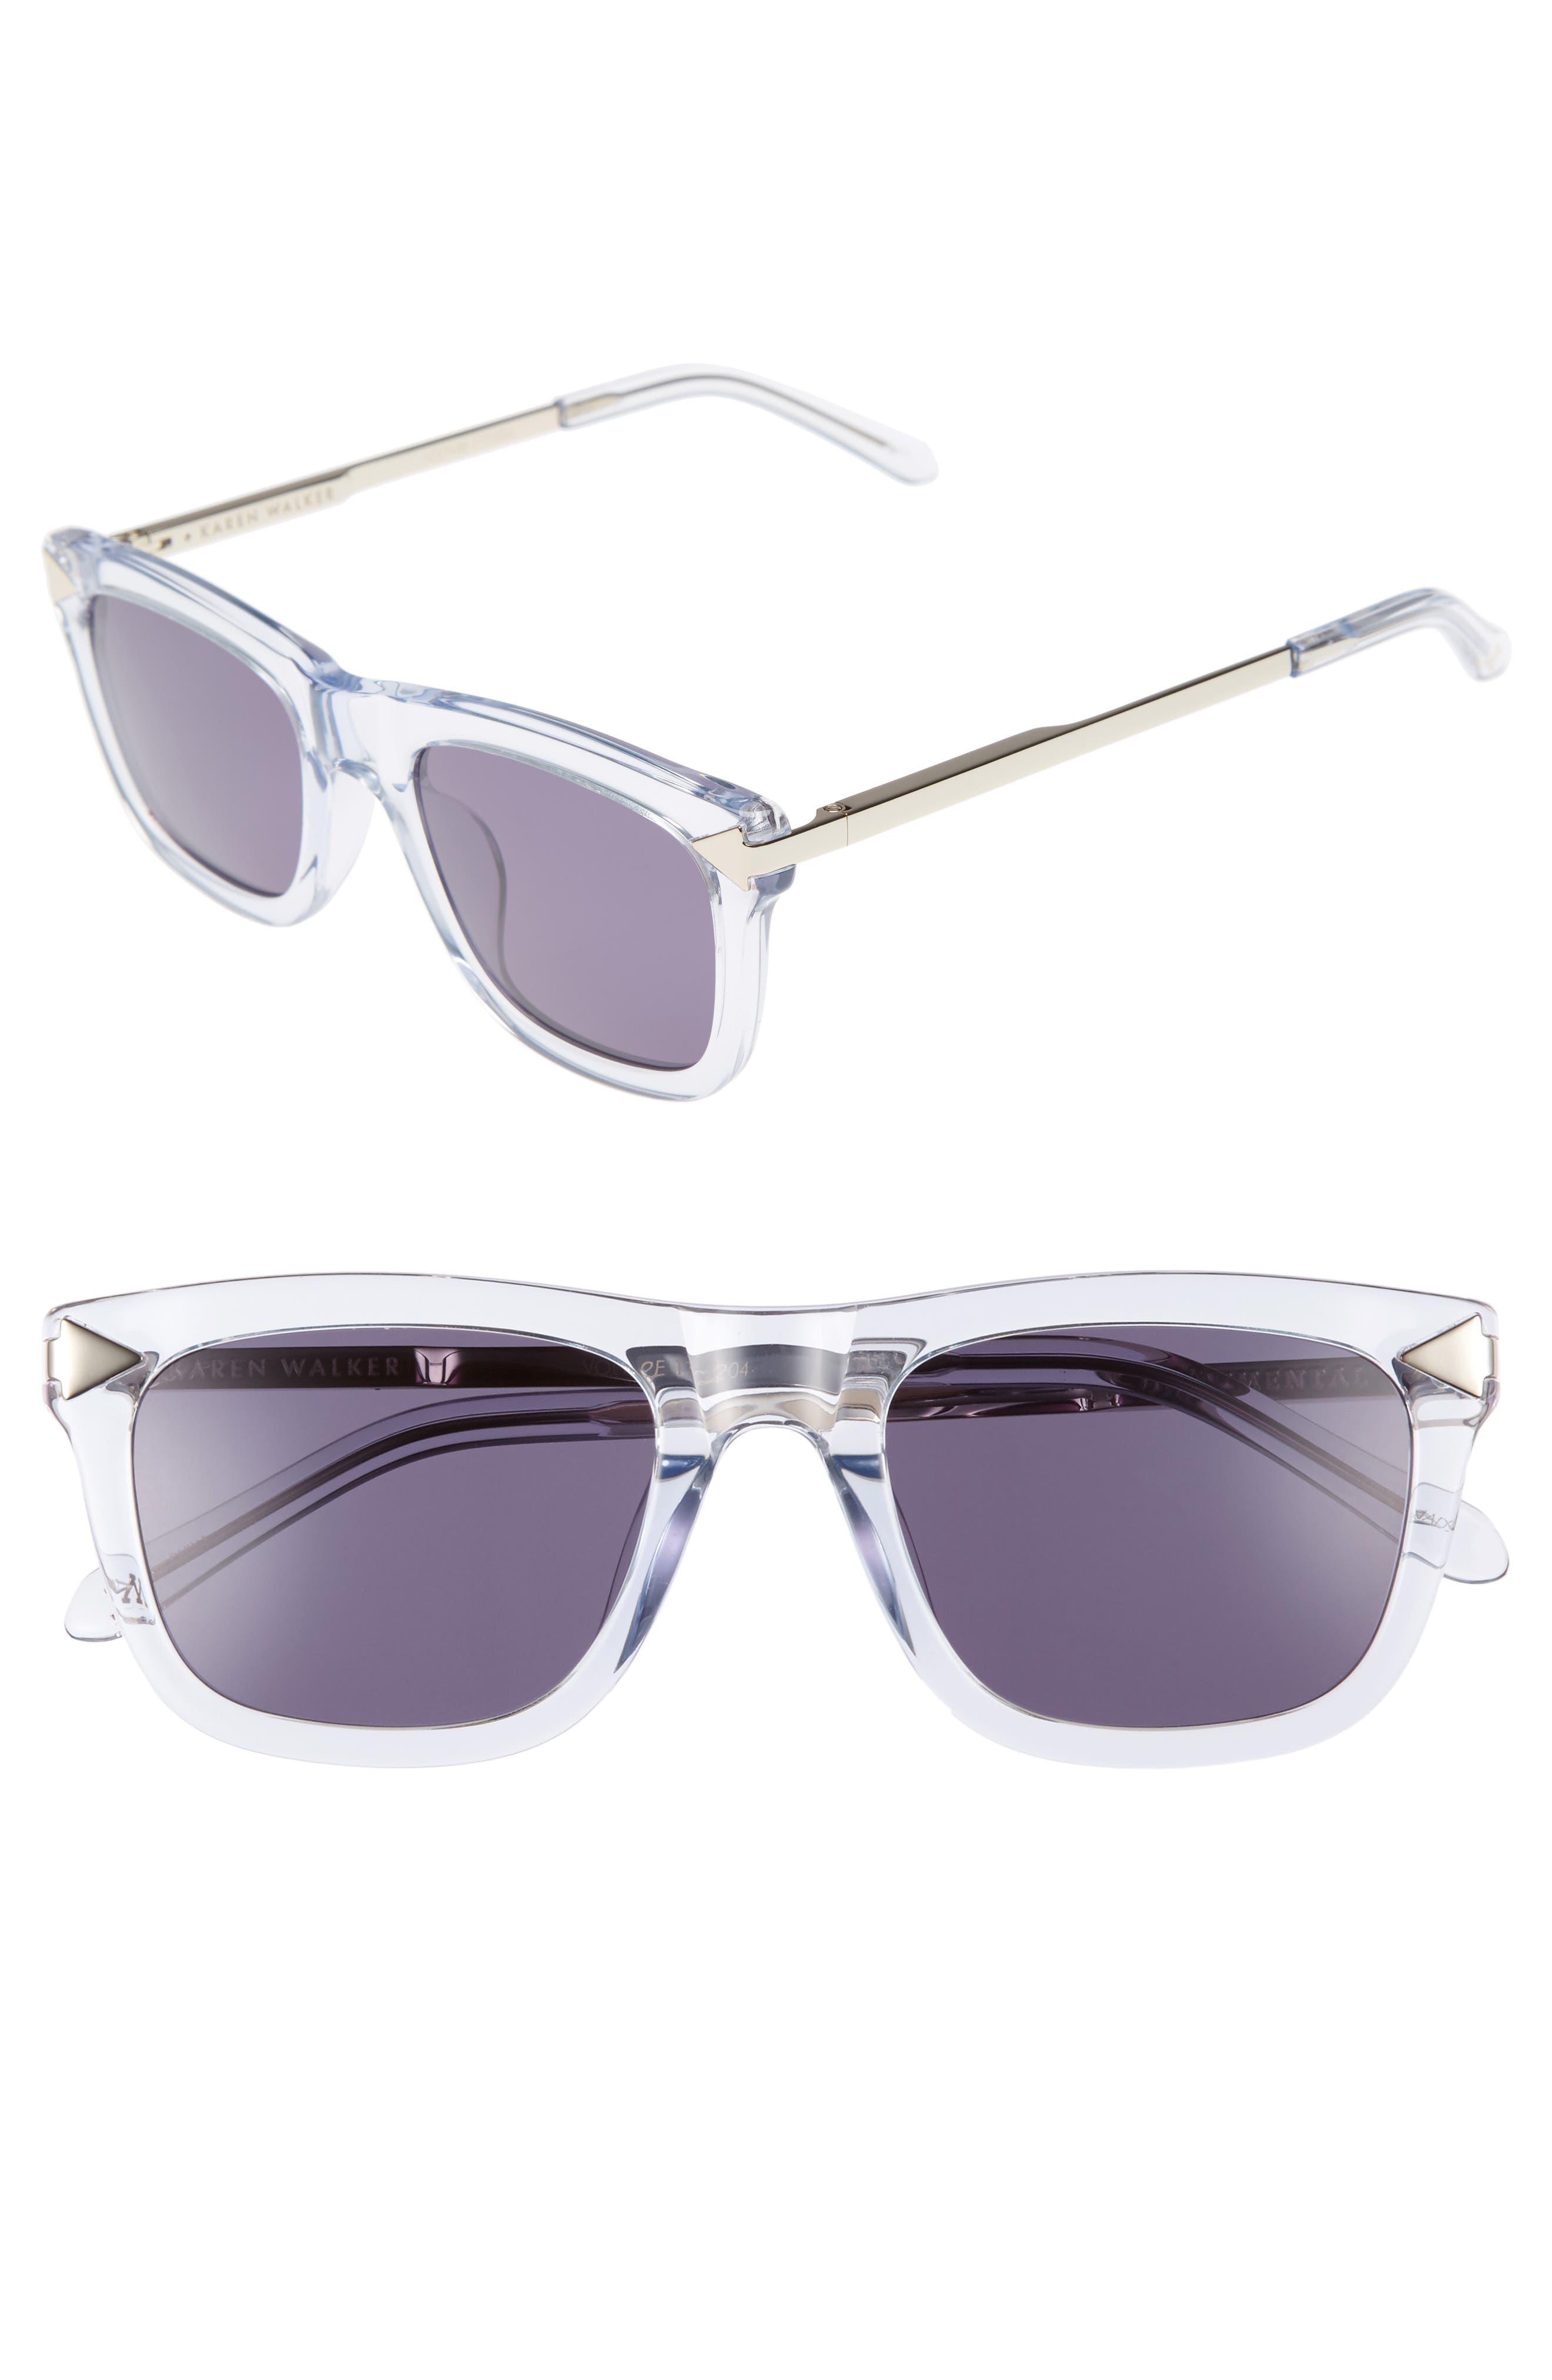 Karen Walker x Monumental Voltaire 51mm Polarized Sunglasses